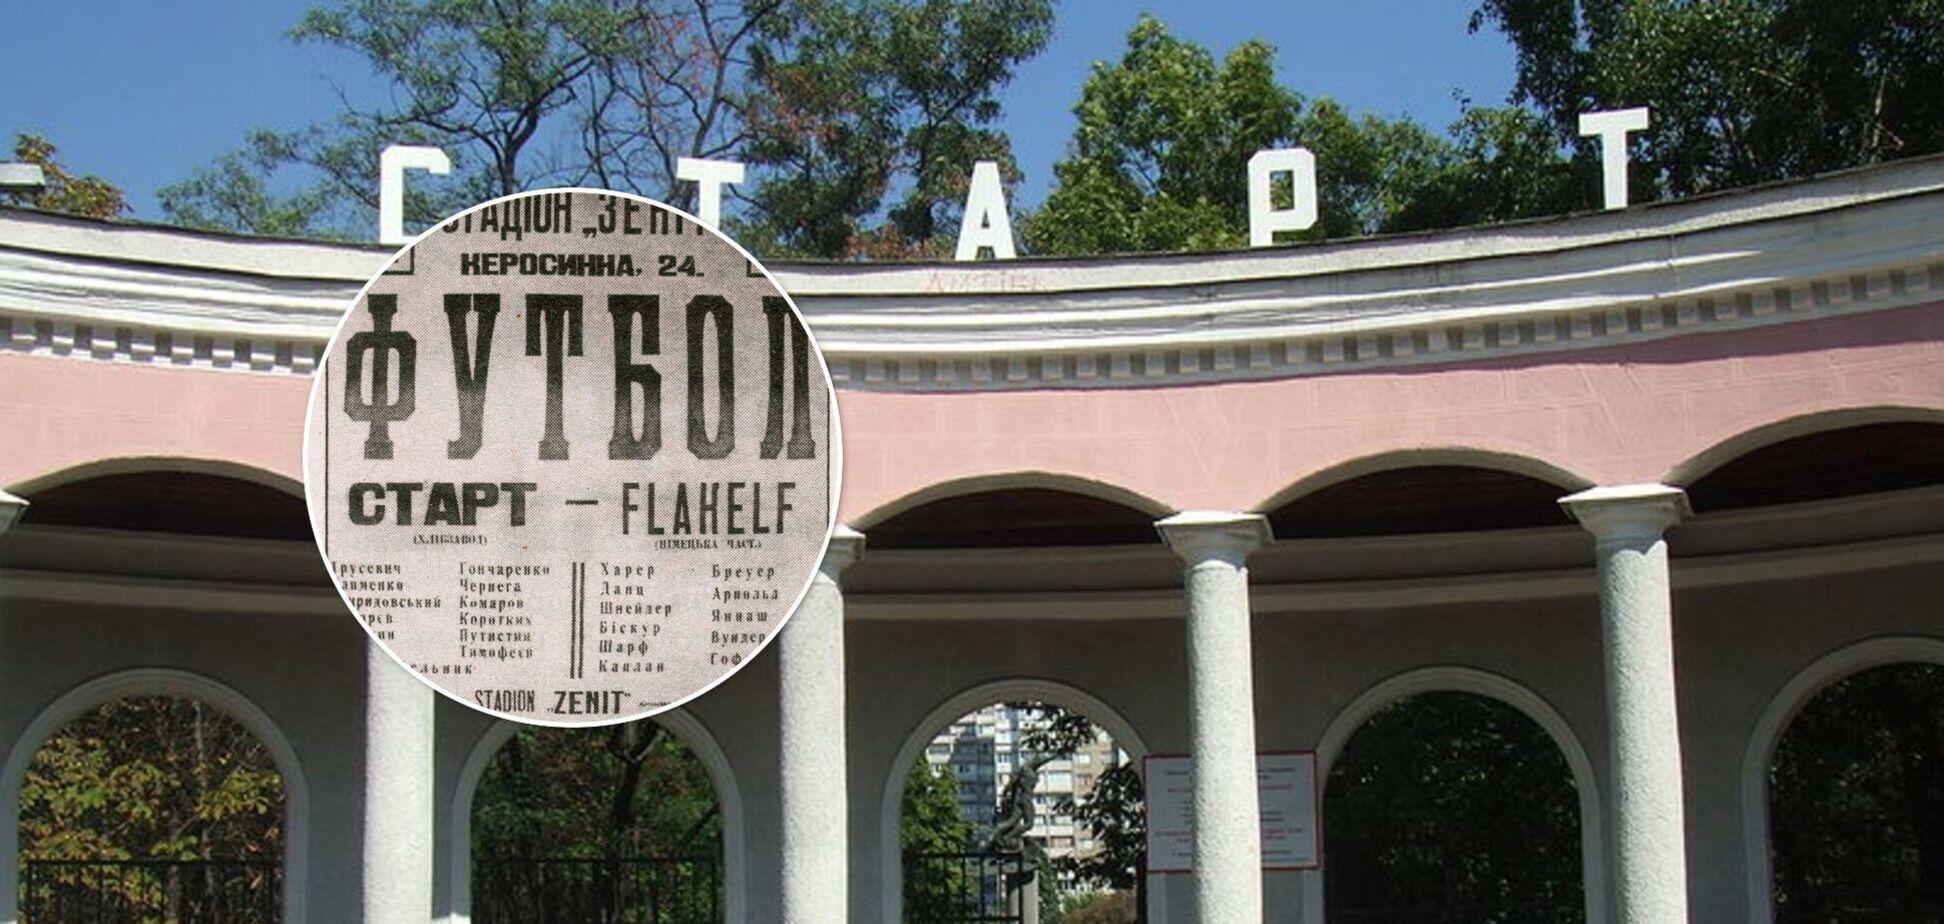 У Києві реконструюють стадіон 'Старт', на якому 1942 року відбувся 'Матч смерті'